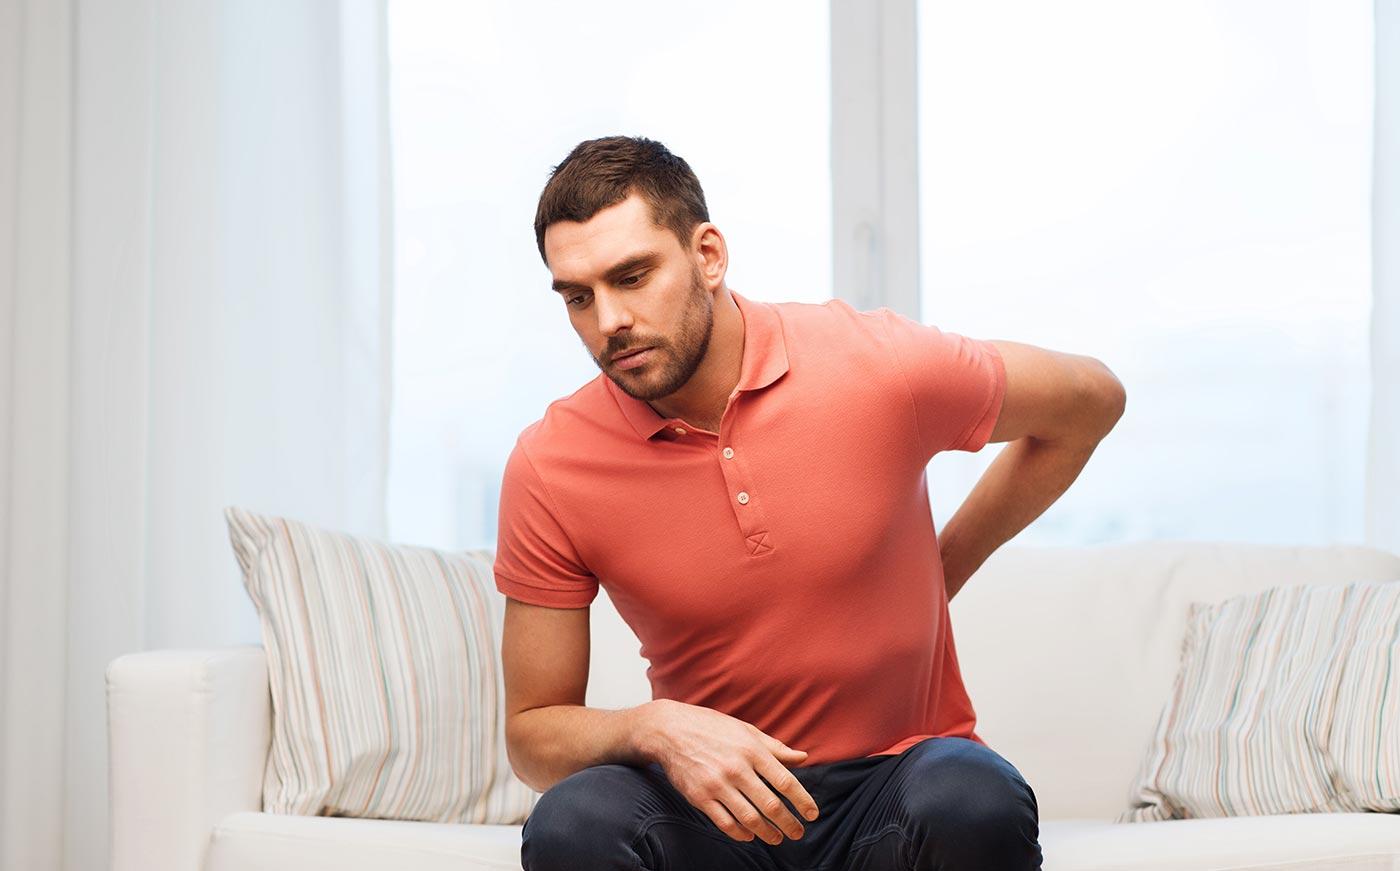 Καρκίνος του νεφρού, άντρας πονάει χαμηλά στην πλάτη